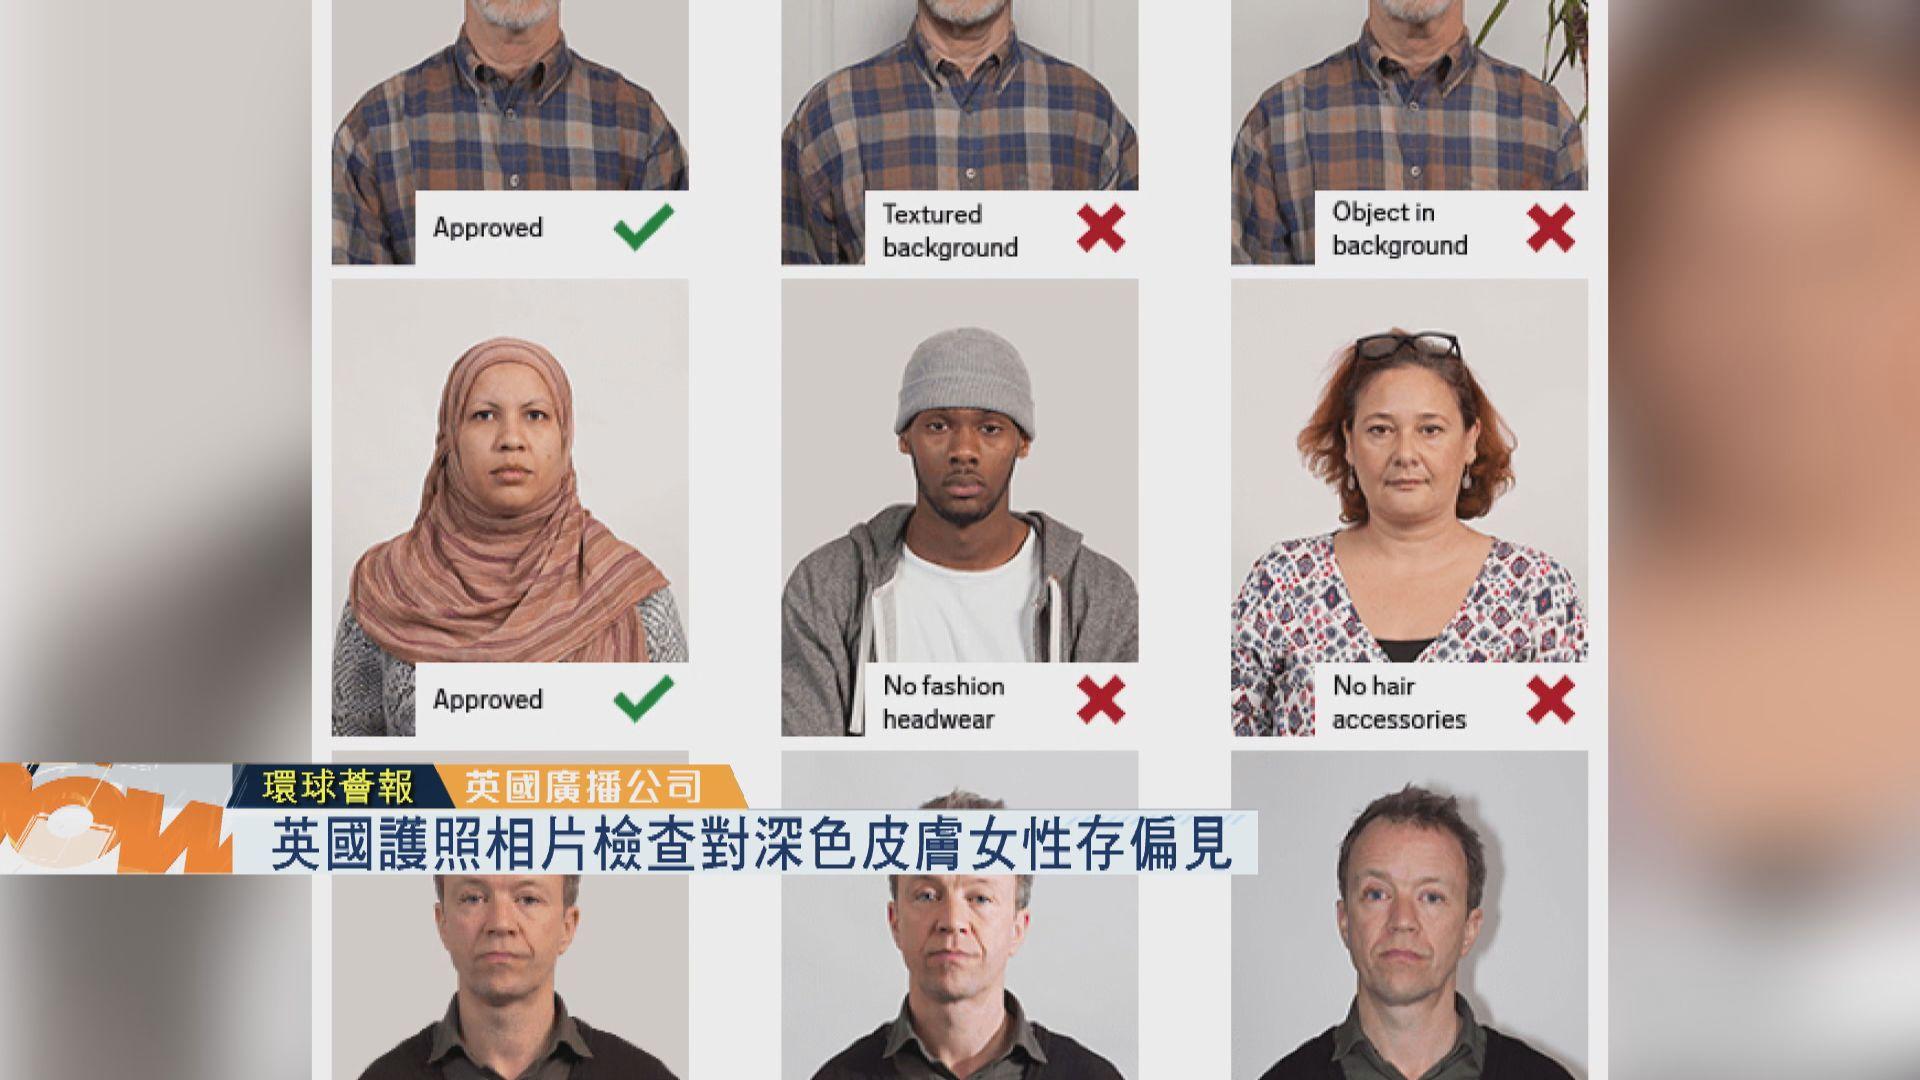 【環球薈報】英國護照相片檢查對深色皮膚女性存偏見